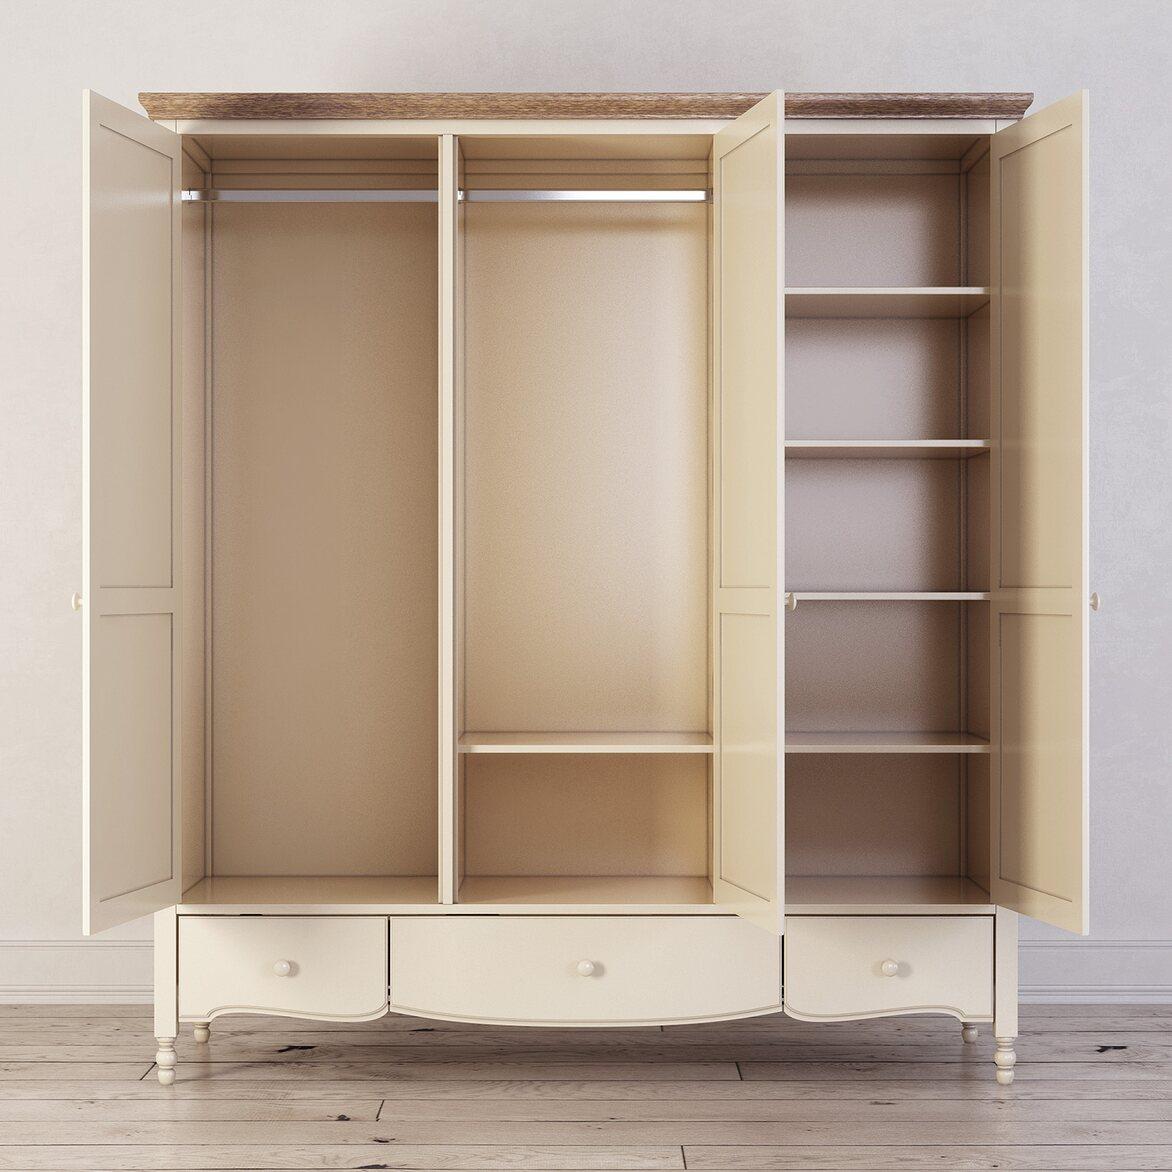 Шкаф трехстворчатый Leblanc, бежевый 2 | Платяные шкафы Kingsby